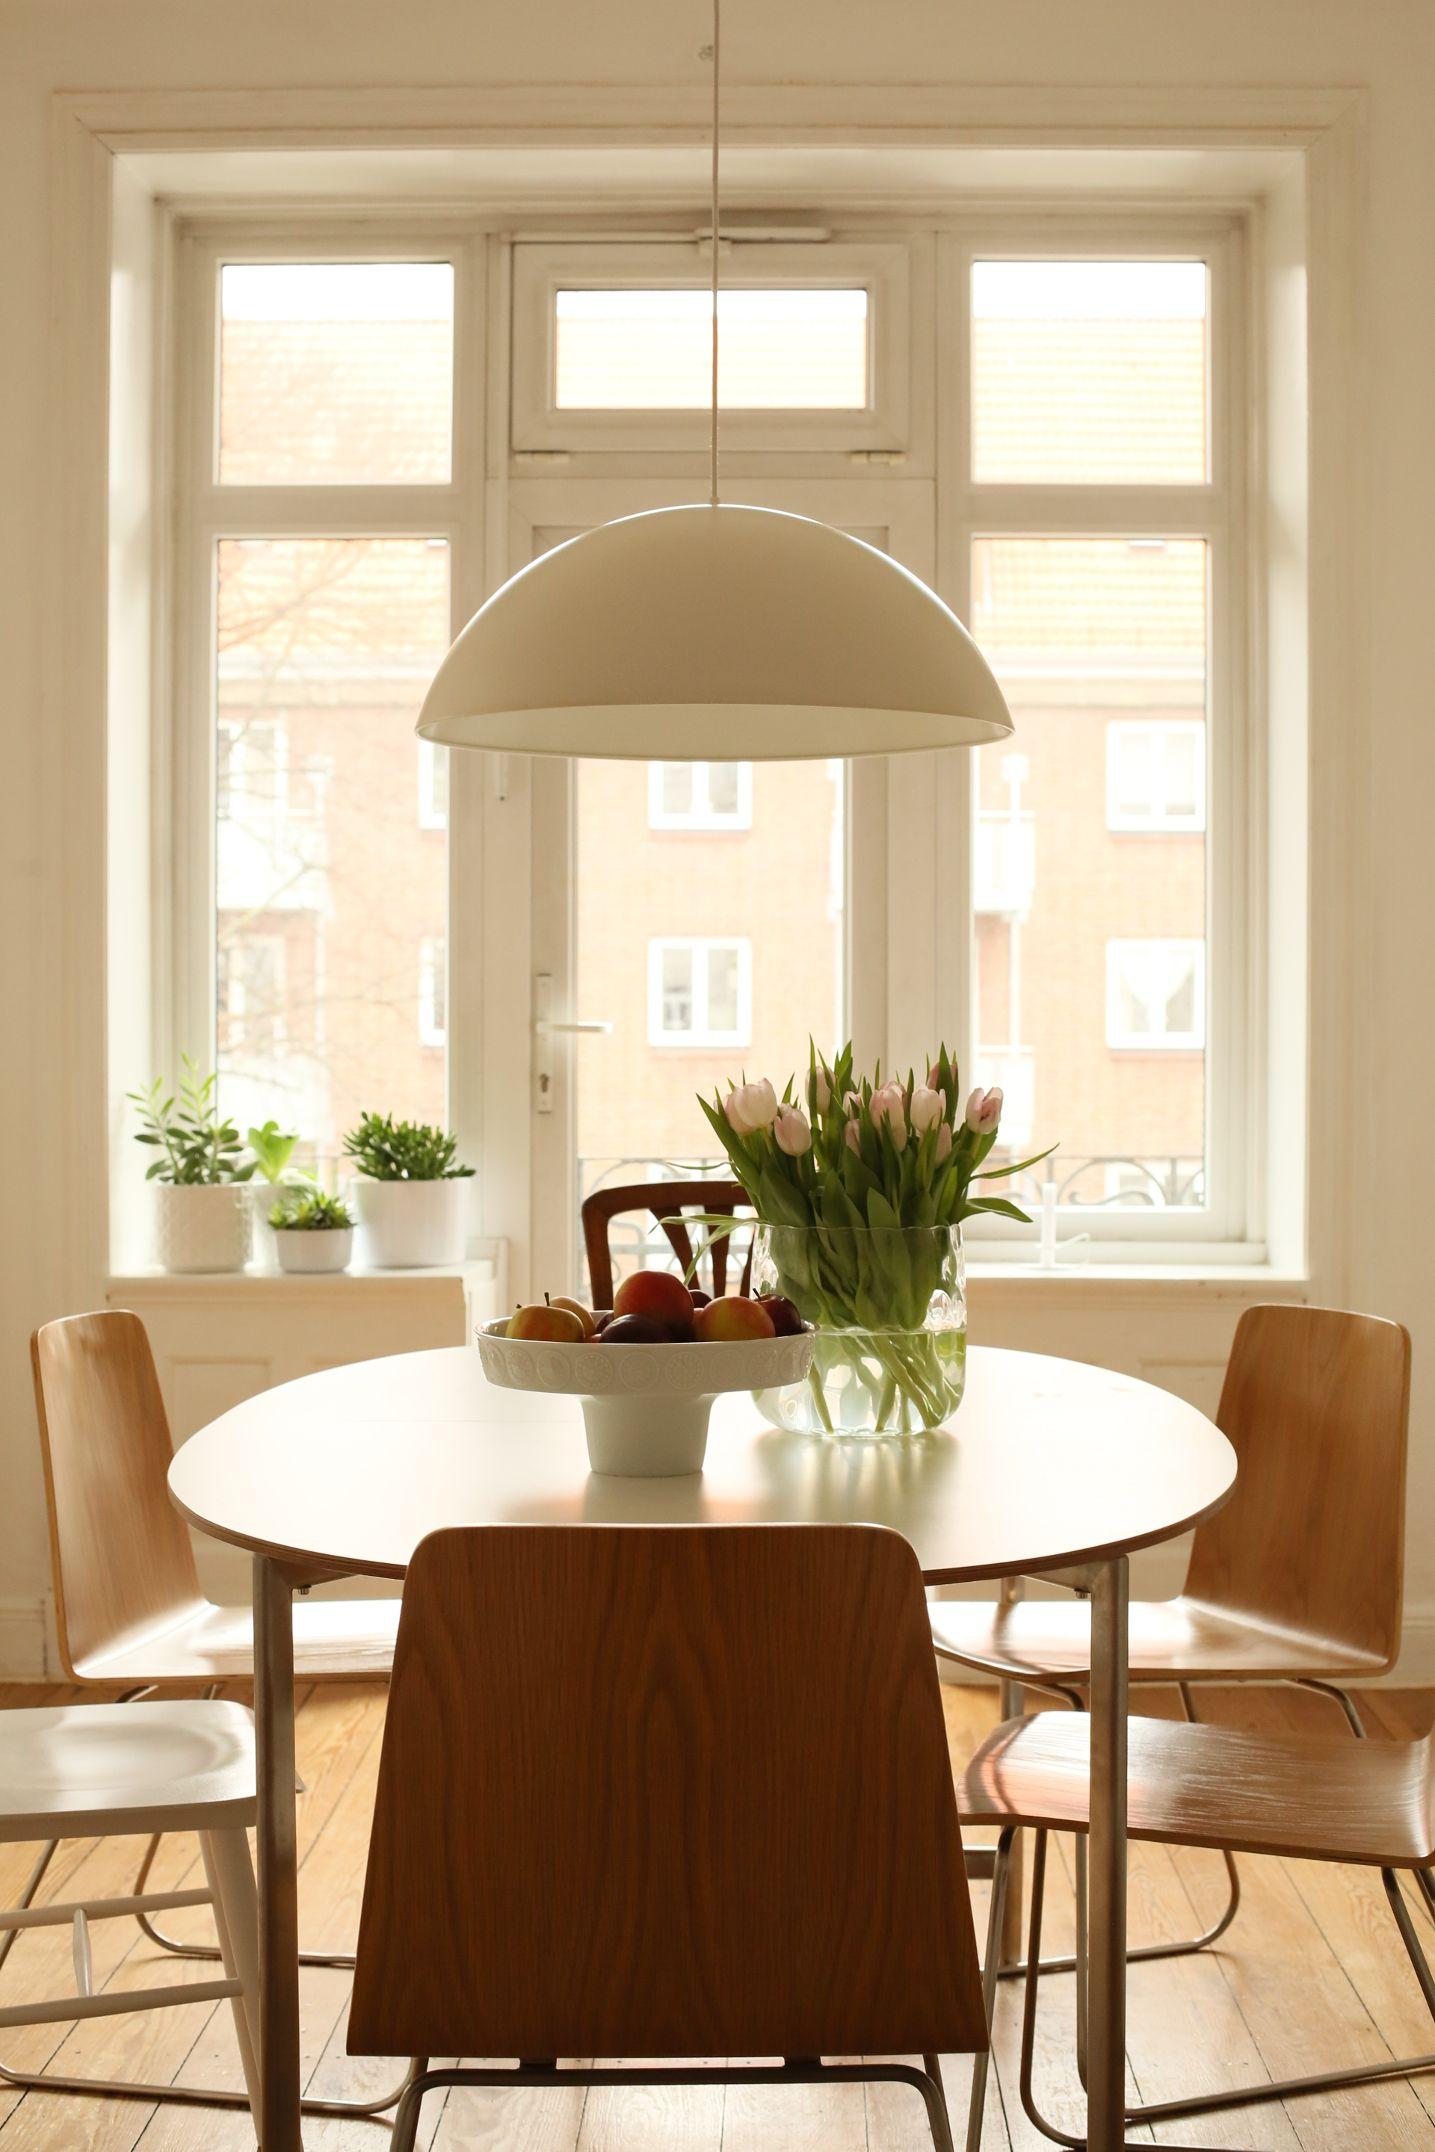 Esszimmer, Ikea, Bolia, Altbau, Interior, Wohnen, Einrichtung, Idee